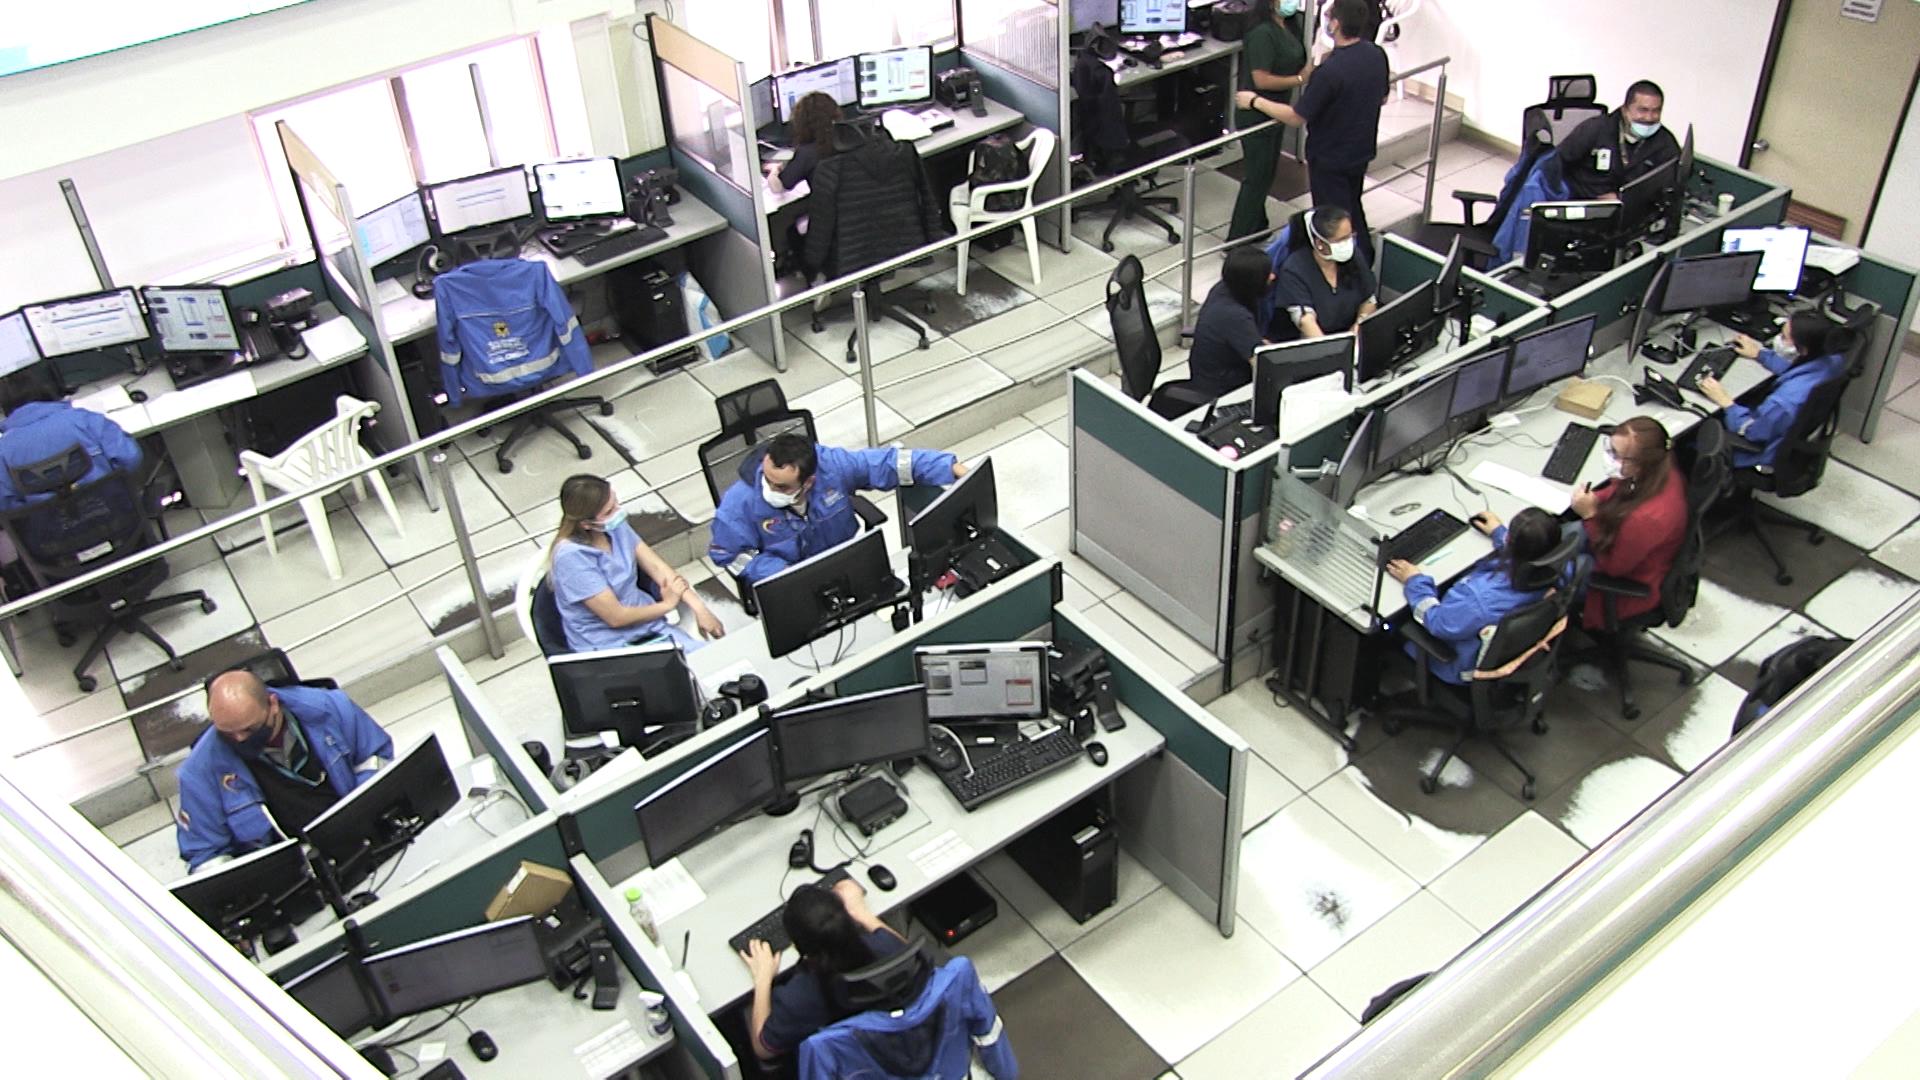 En la Secretaría de Salud Pública de Bogotá, Colombia, se encuentra el Centro Regulador de Urgencias y Emergencias (CRUE), donde llegan todas las llamadas de pacientes sospechosos de Covid-19.